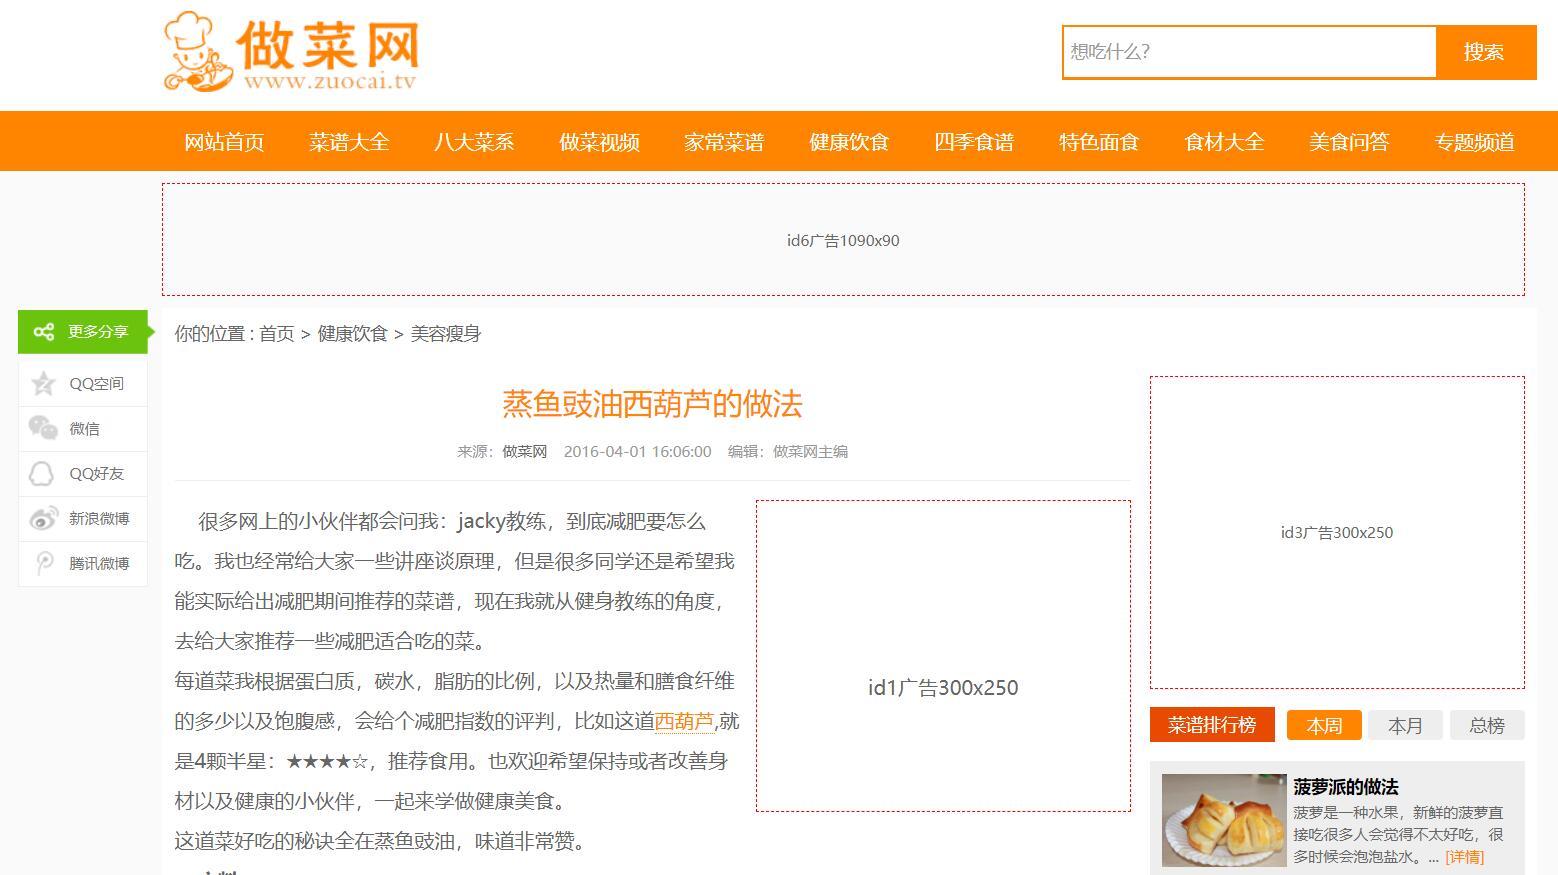 最新仿《做菜网》食谱网源码,美食菜谱,附带采集规则92kaifa帝国7.2CMS模板源码-菜鸟源码资源站